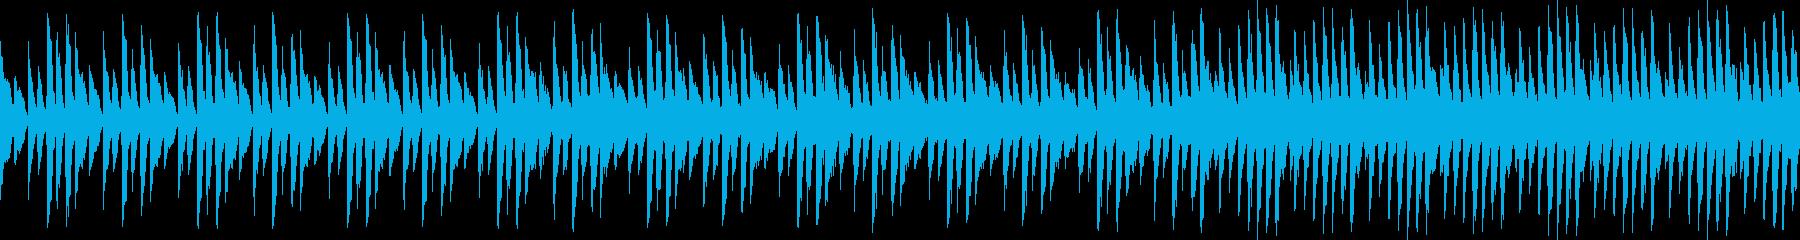 希望はあるよ、みたいな曲(ループ仕様)の再生済みの波形